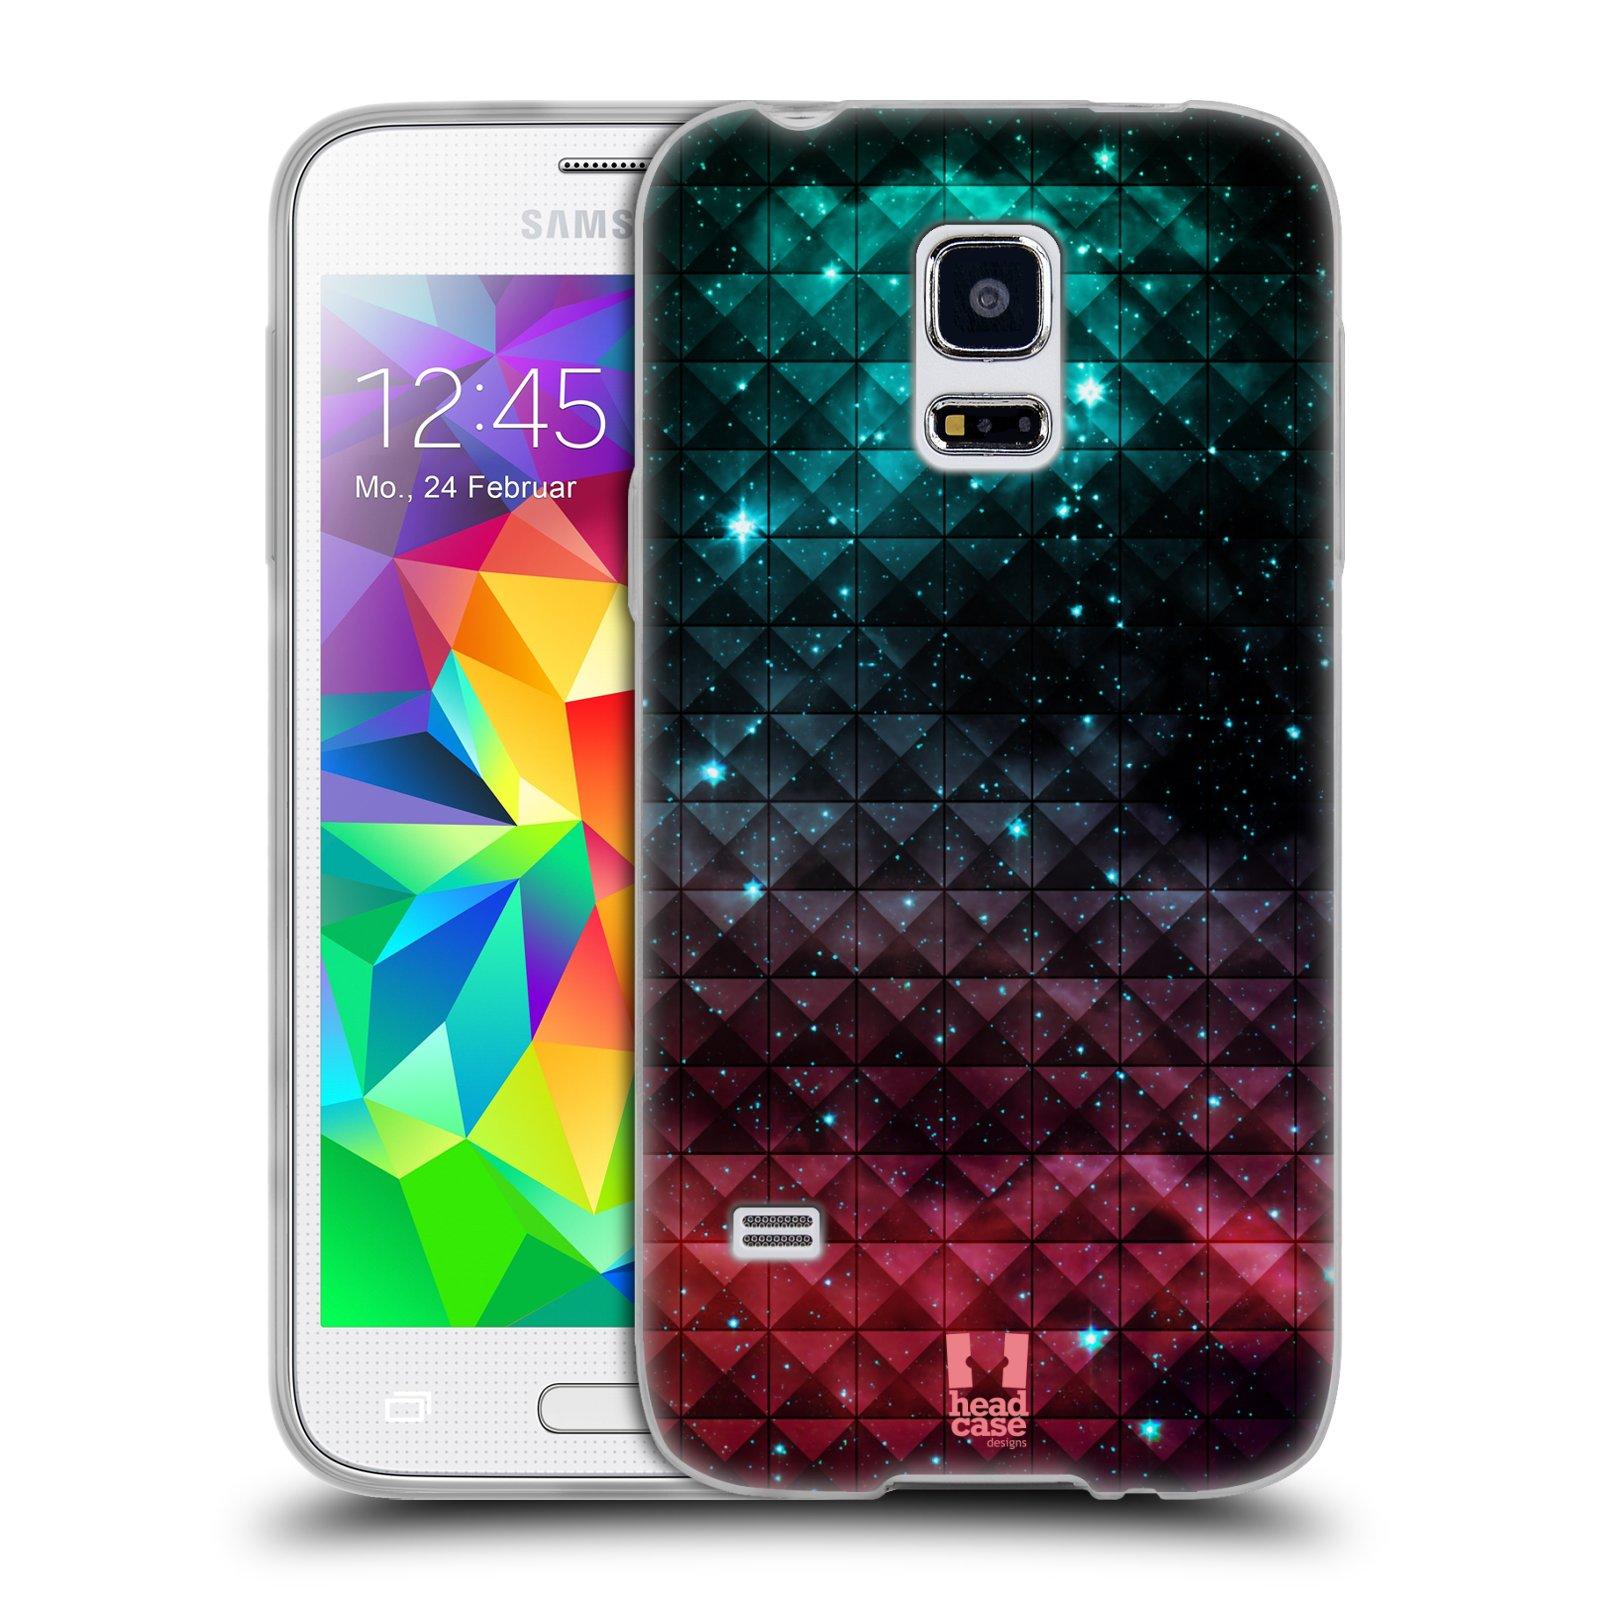 Silikonové pouzdro na mobil Samsung Galaxy S5 Mini HEAD CASE OMBRE SPARKLE (Silikonový kryt či obal na mobilní telefon Samsung Galaxy S5 Mini SM-G800F)